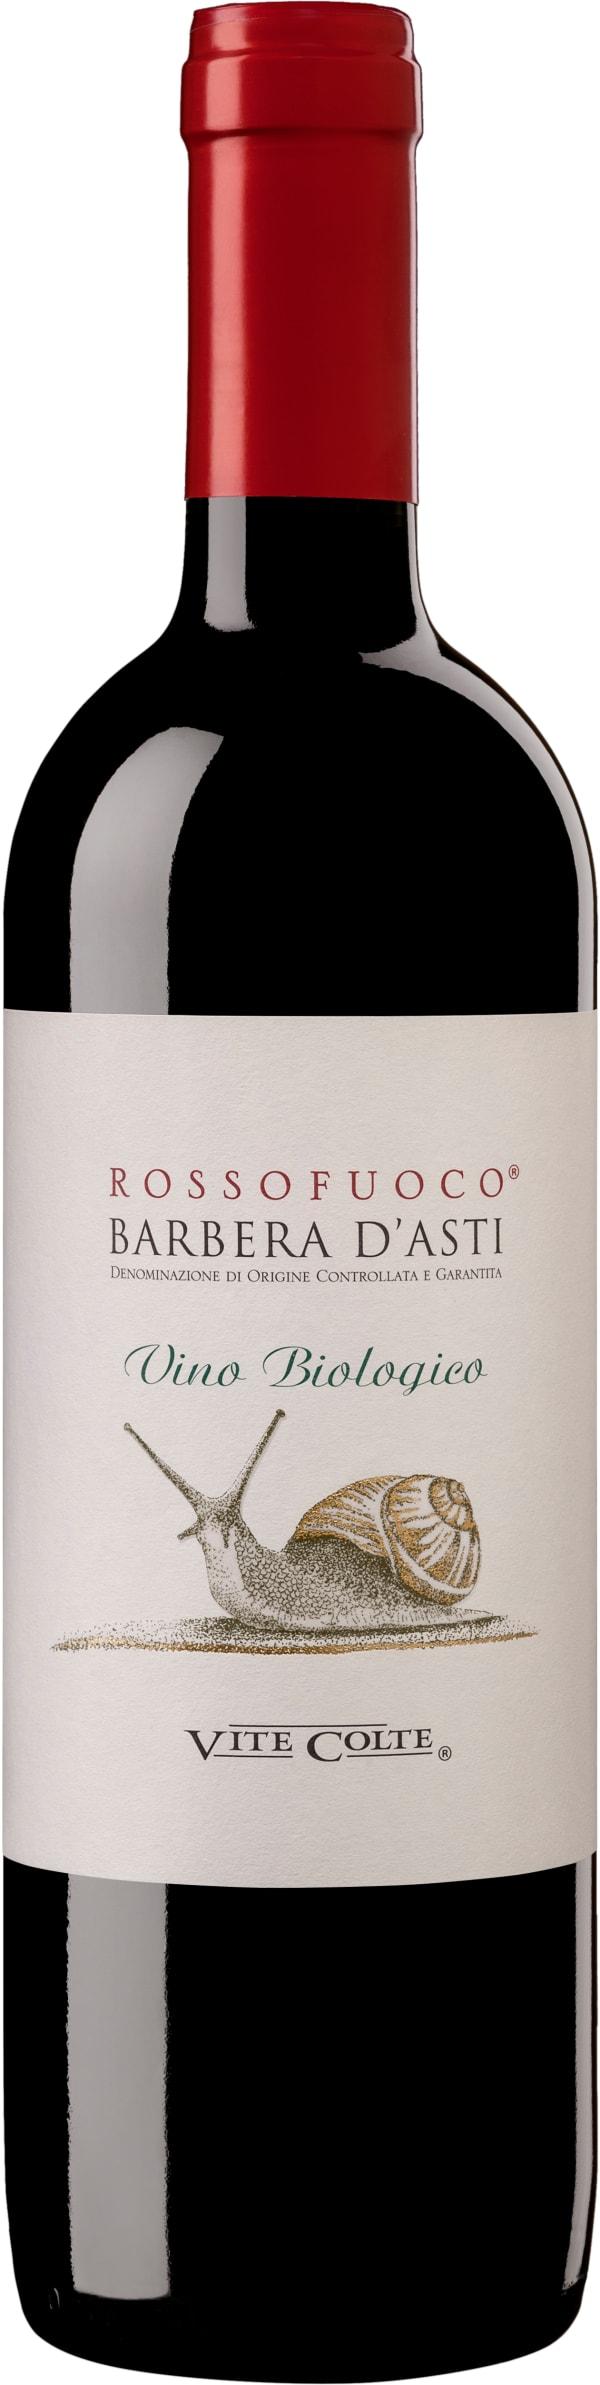 Rossofuoco Barbera d'Asti Biologico 2019